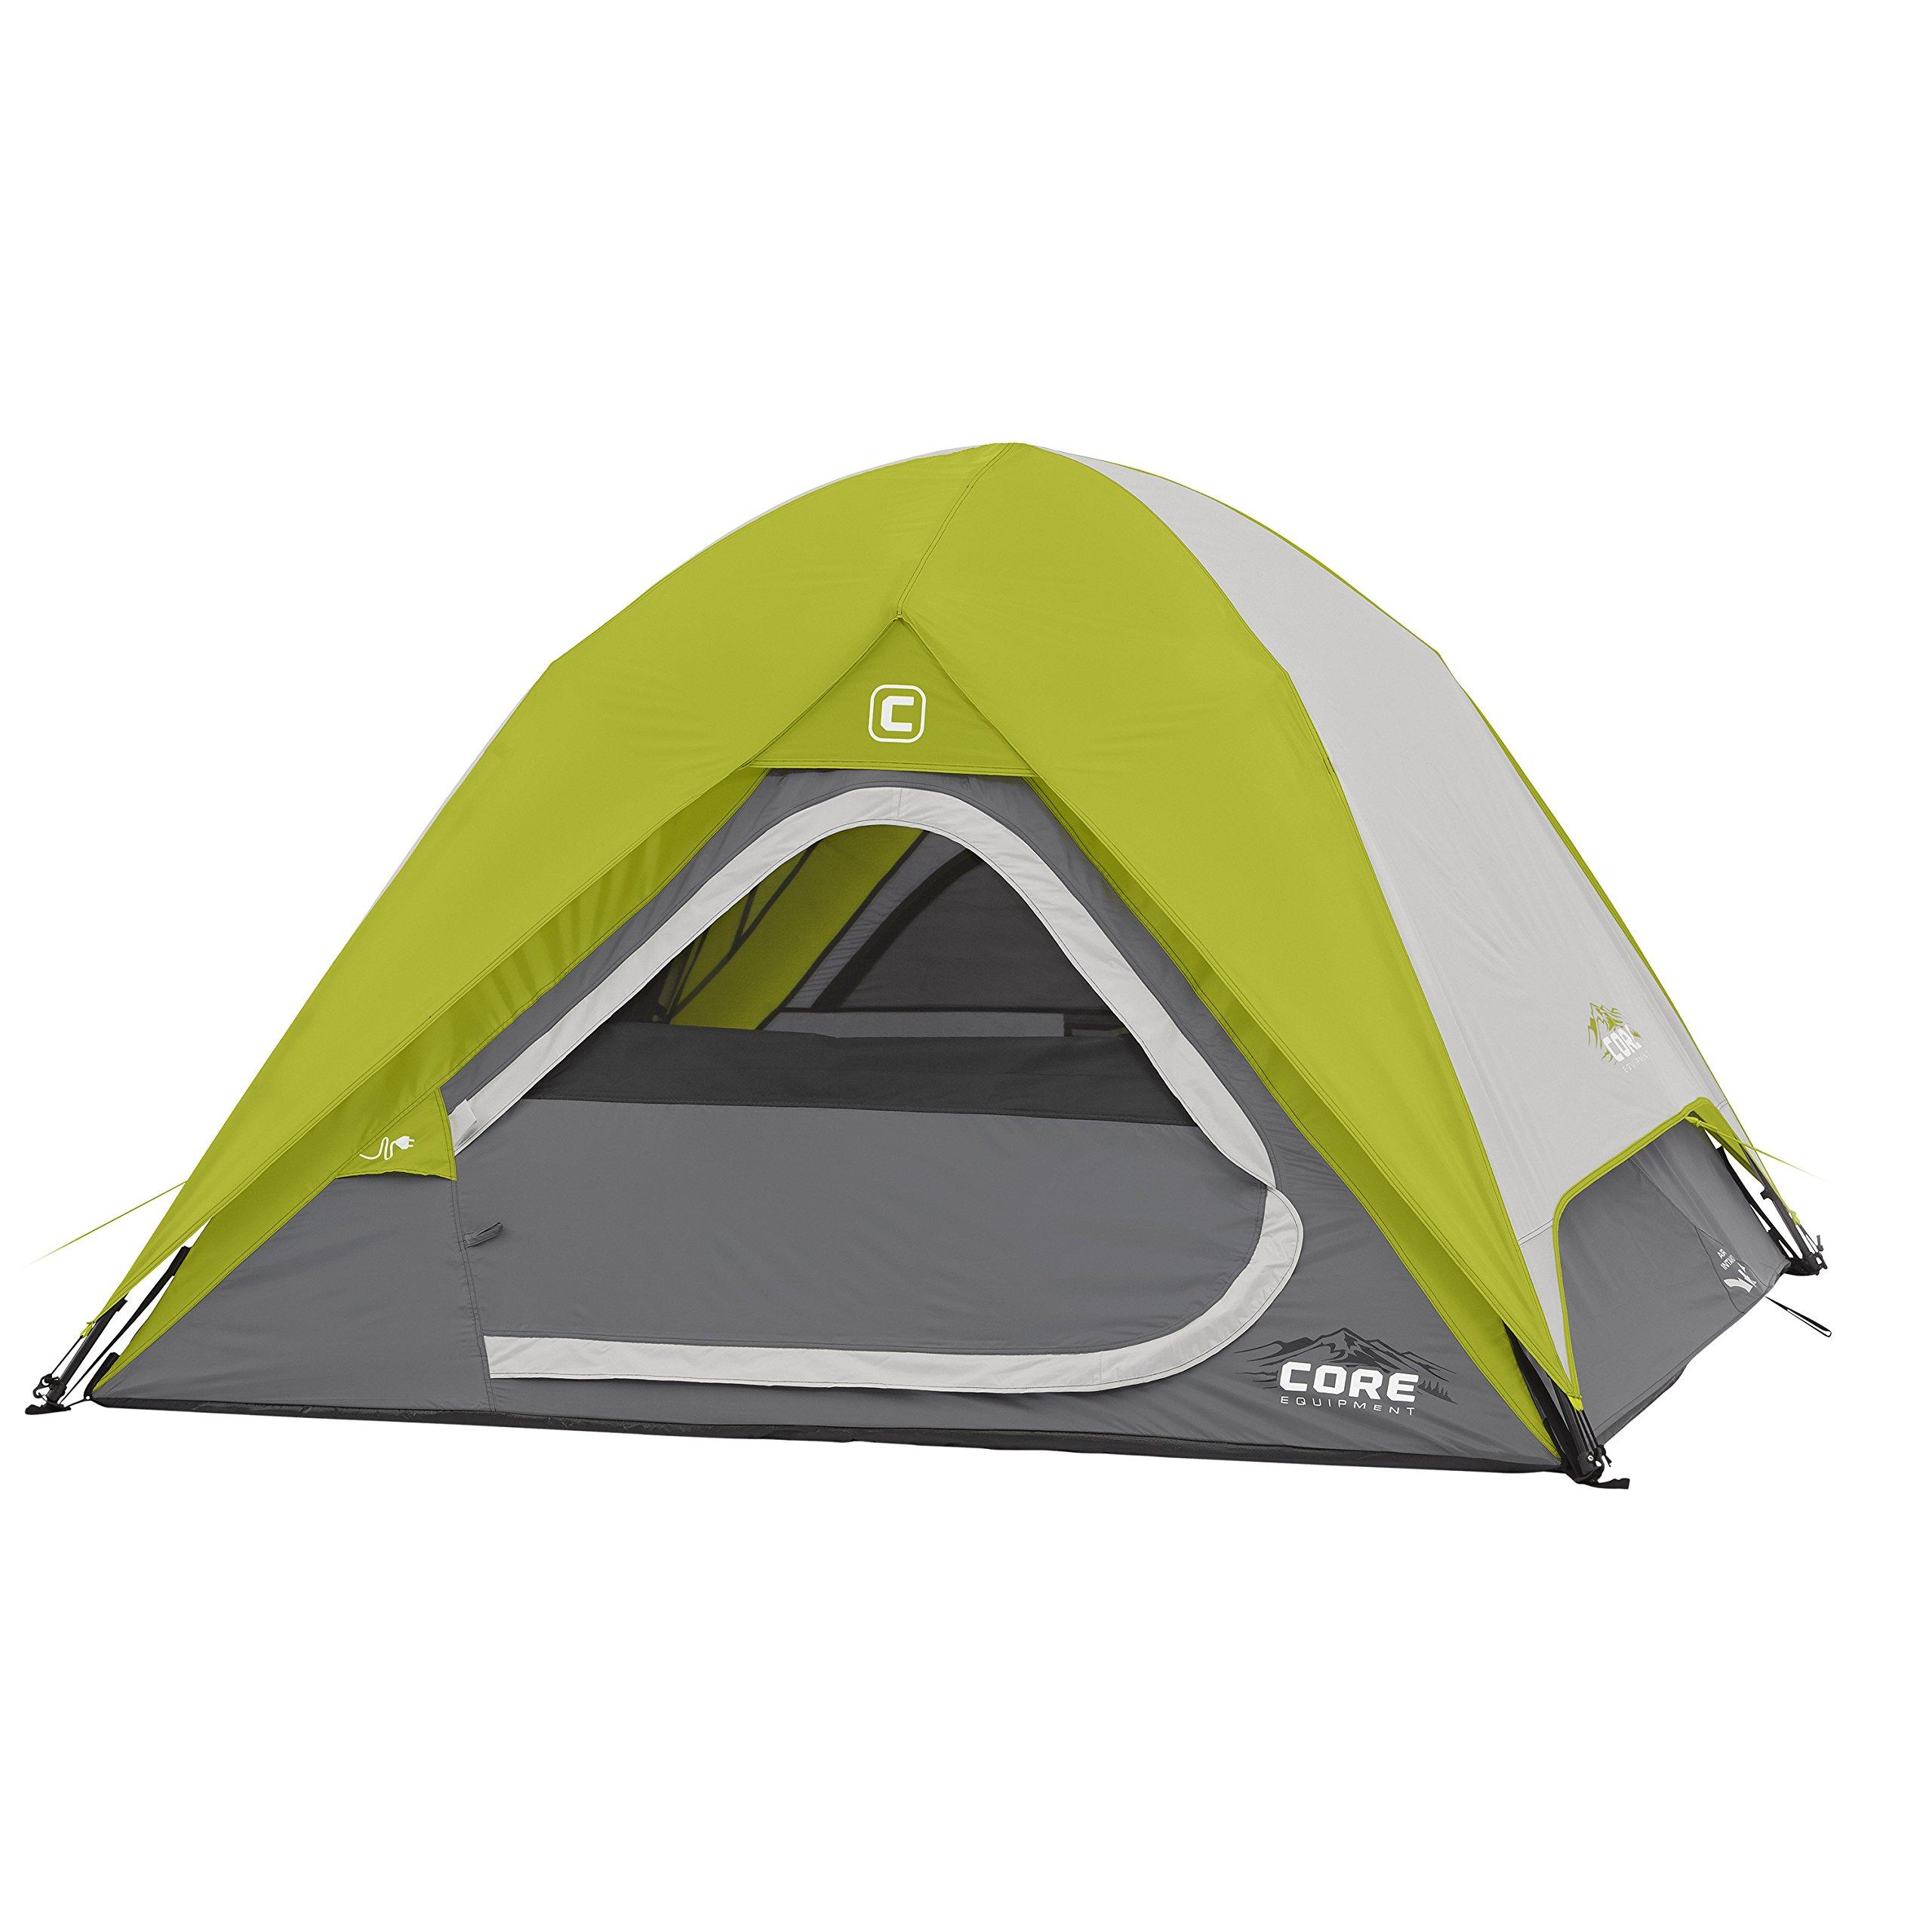 CORE 3 Person Instant Dome Tent - 7' x 7'